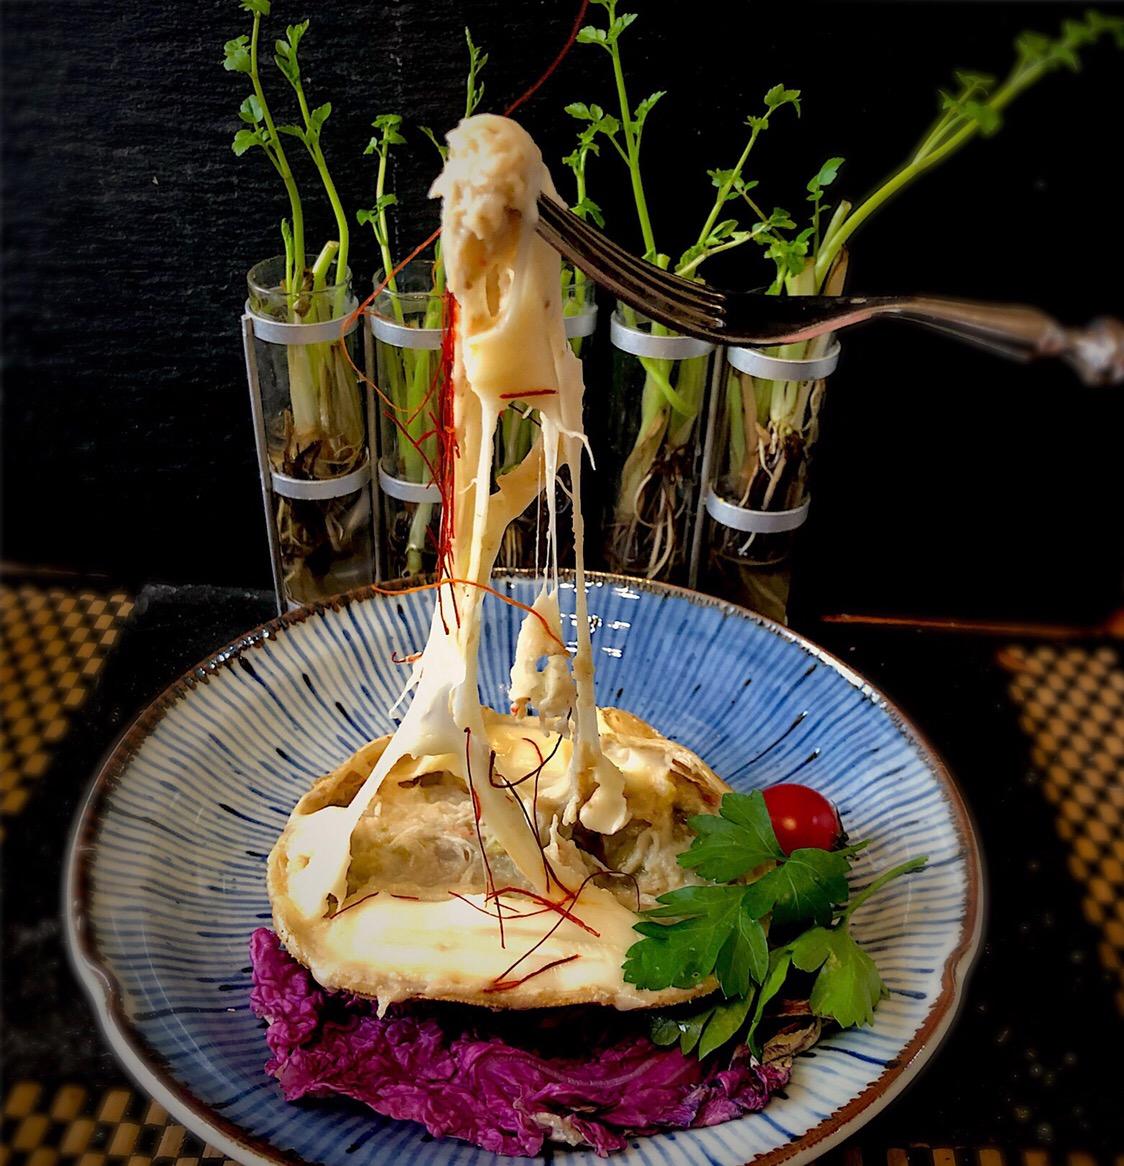 佐野未起の料理 蟹ベースを使いフェイクホワイトソースの蟹グラタン 七草のセリが育ってます?